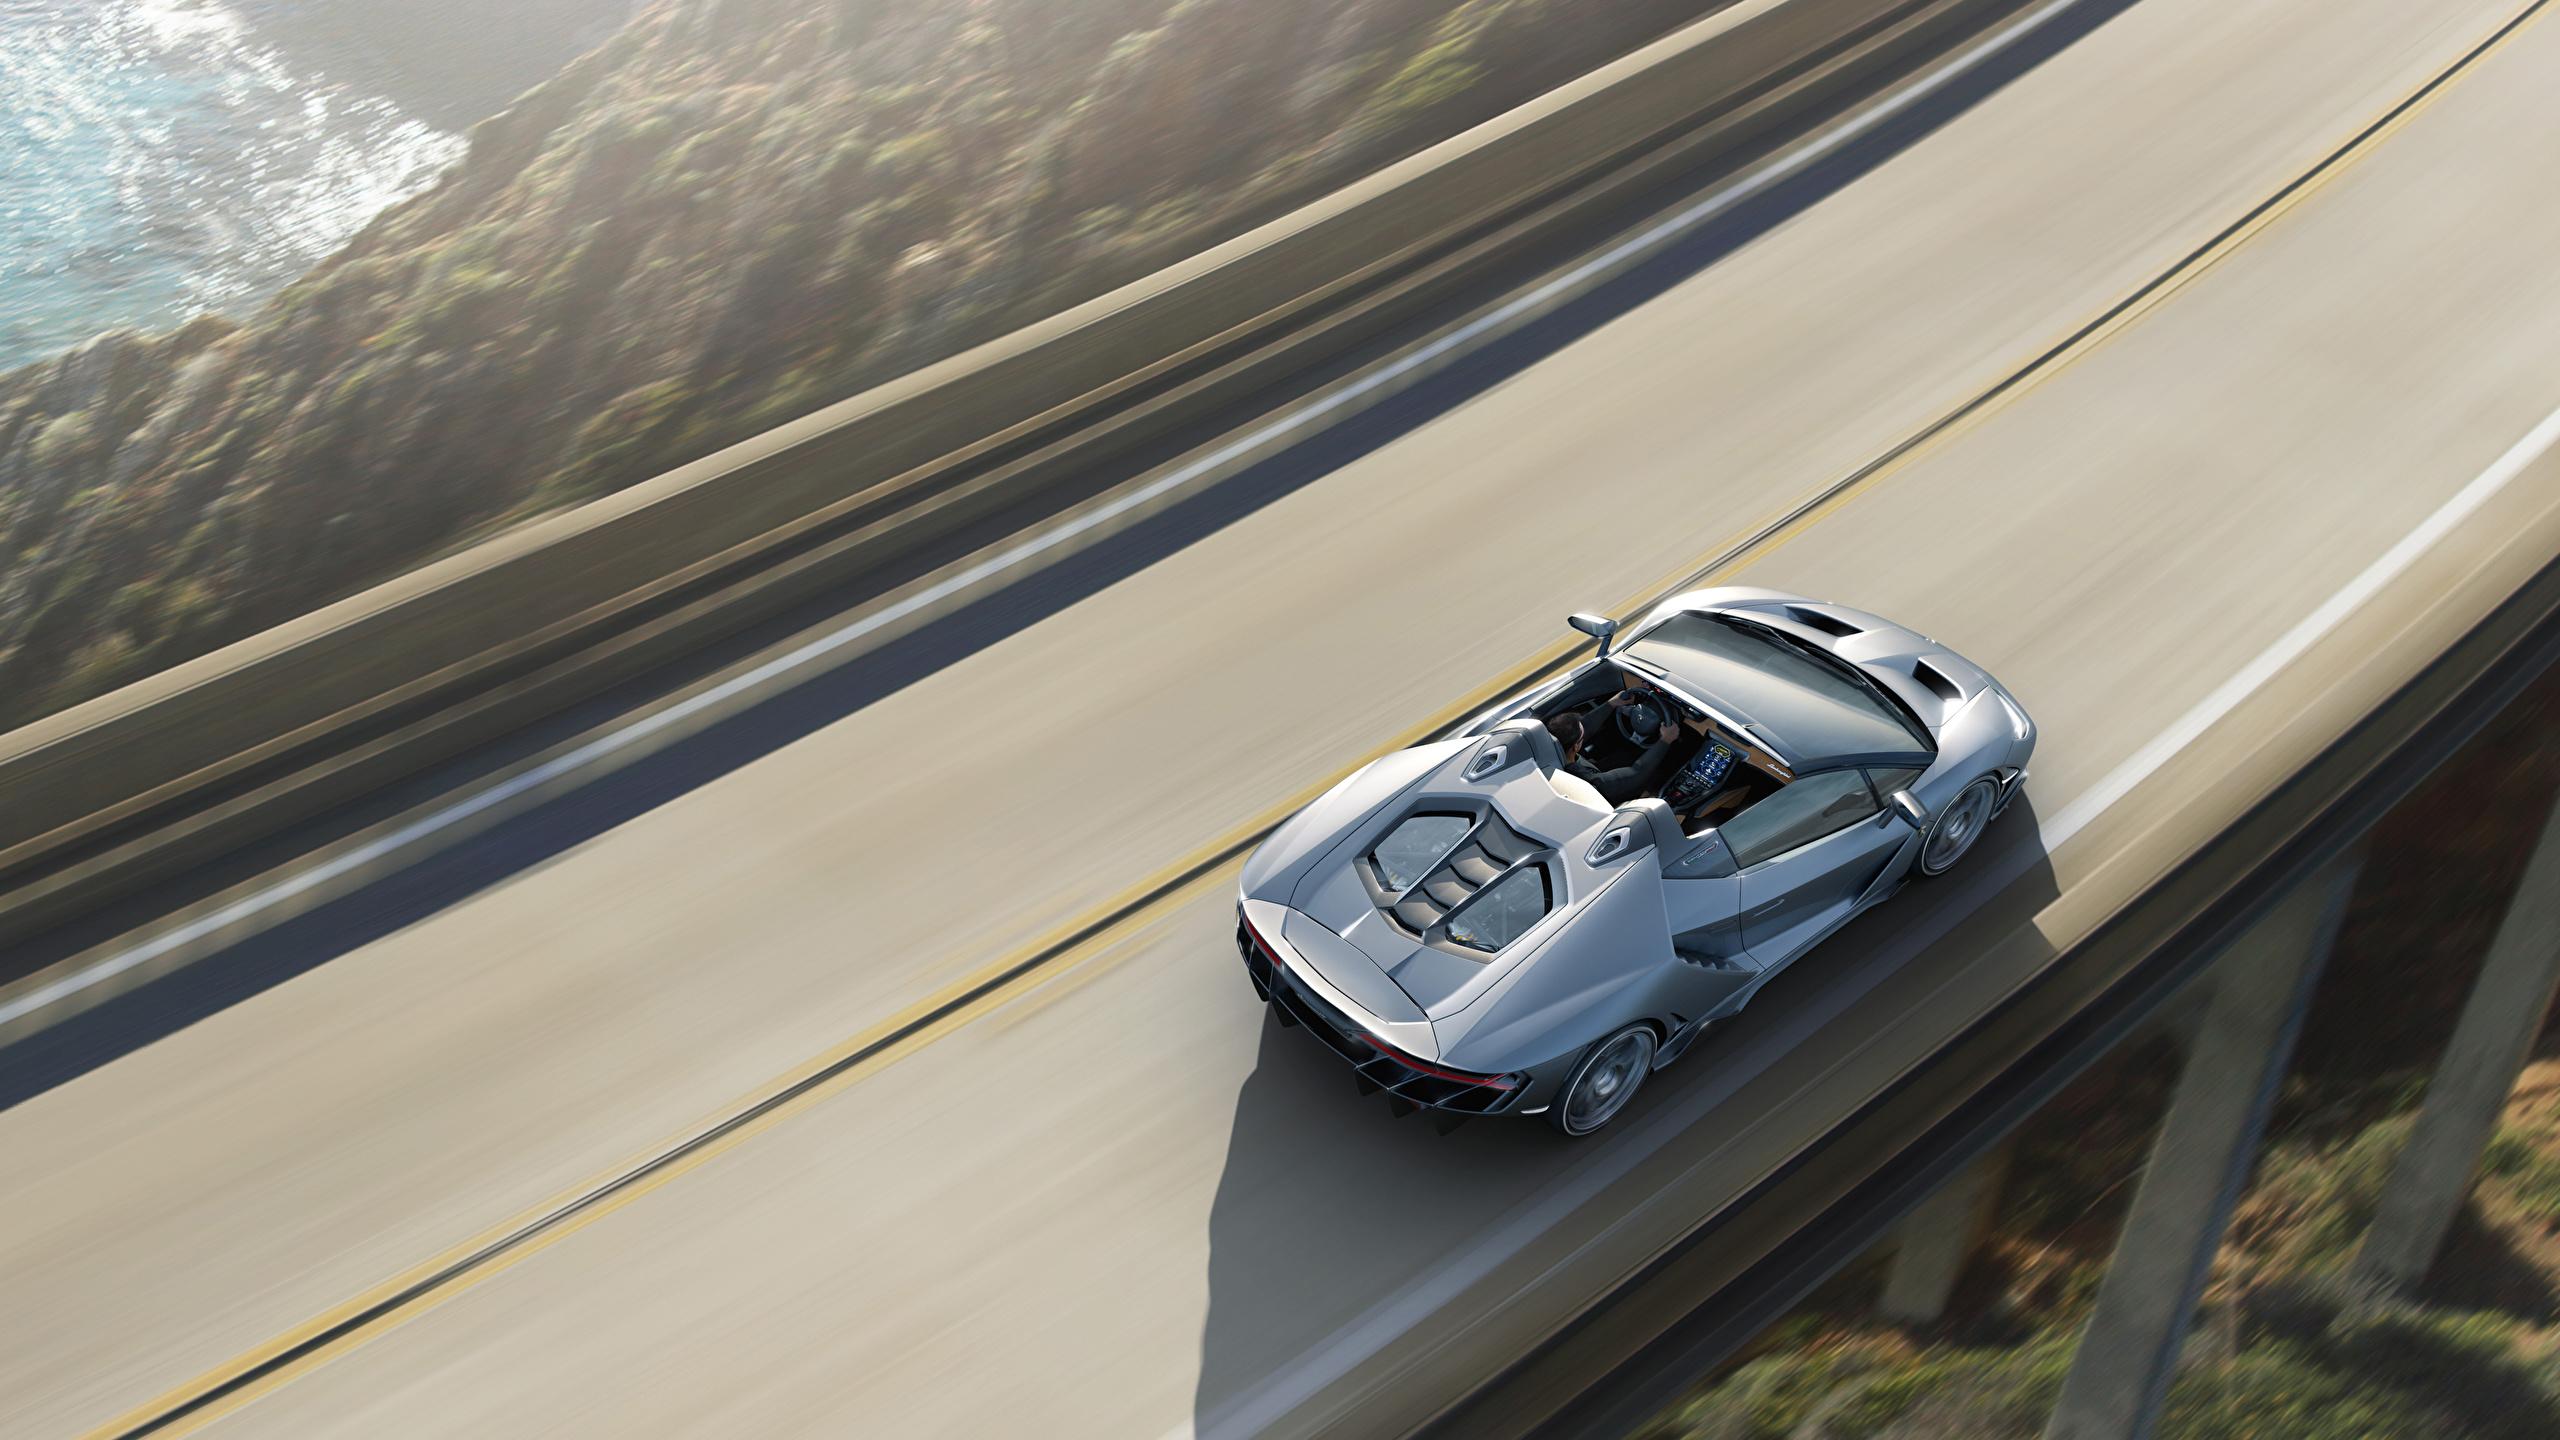 Фотография Ламборгини Centenario Roadster Родстер Движение Машины Сверху 2560x1440 Lamborghini едет едущий едущая скорость Авто Автомобили